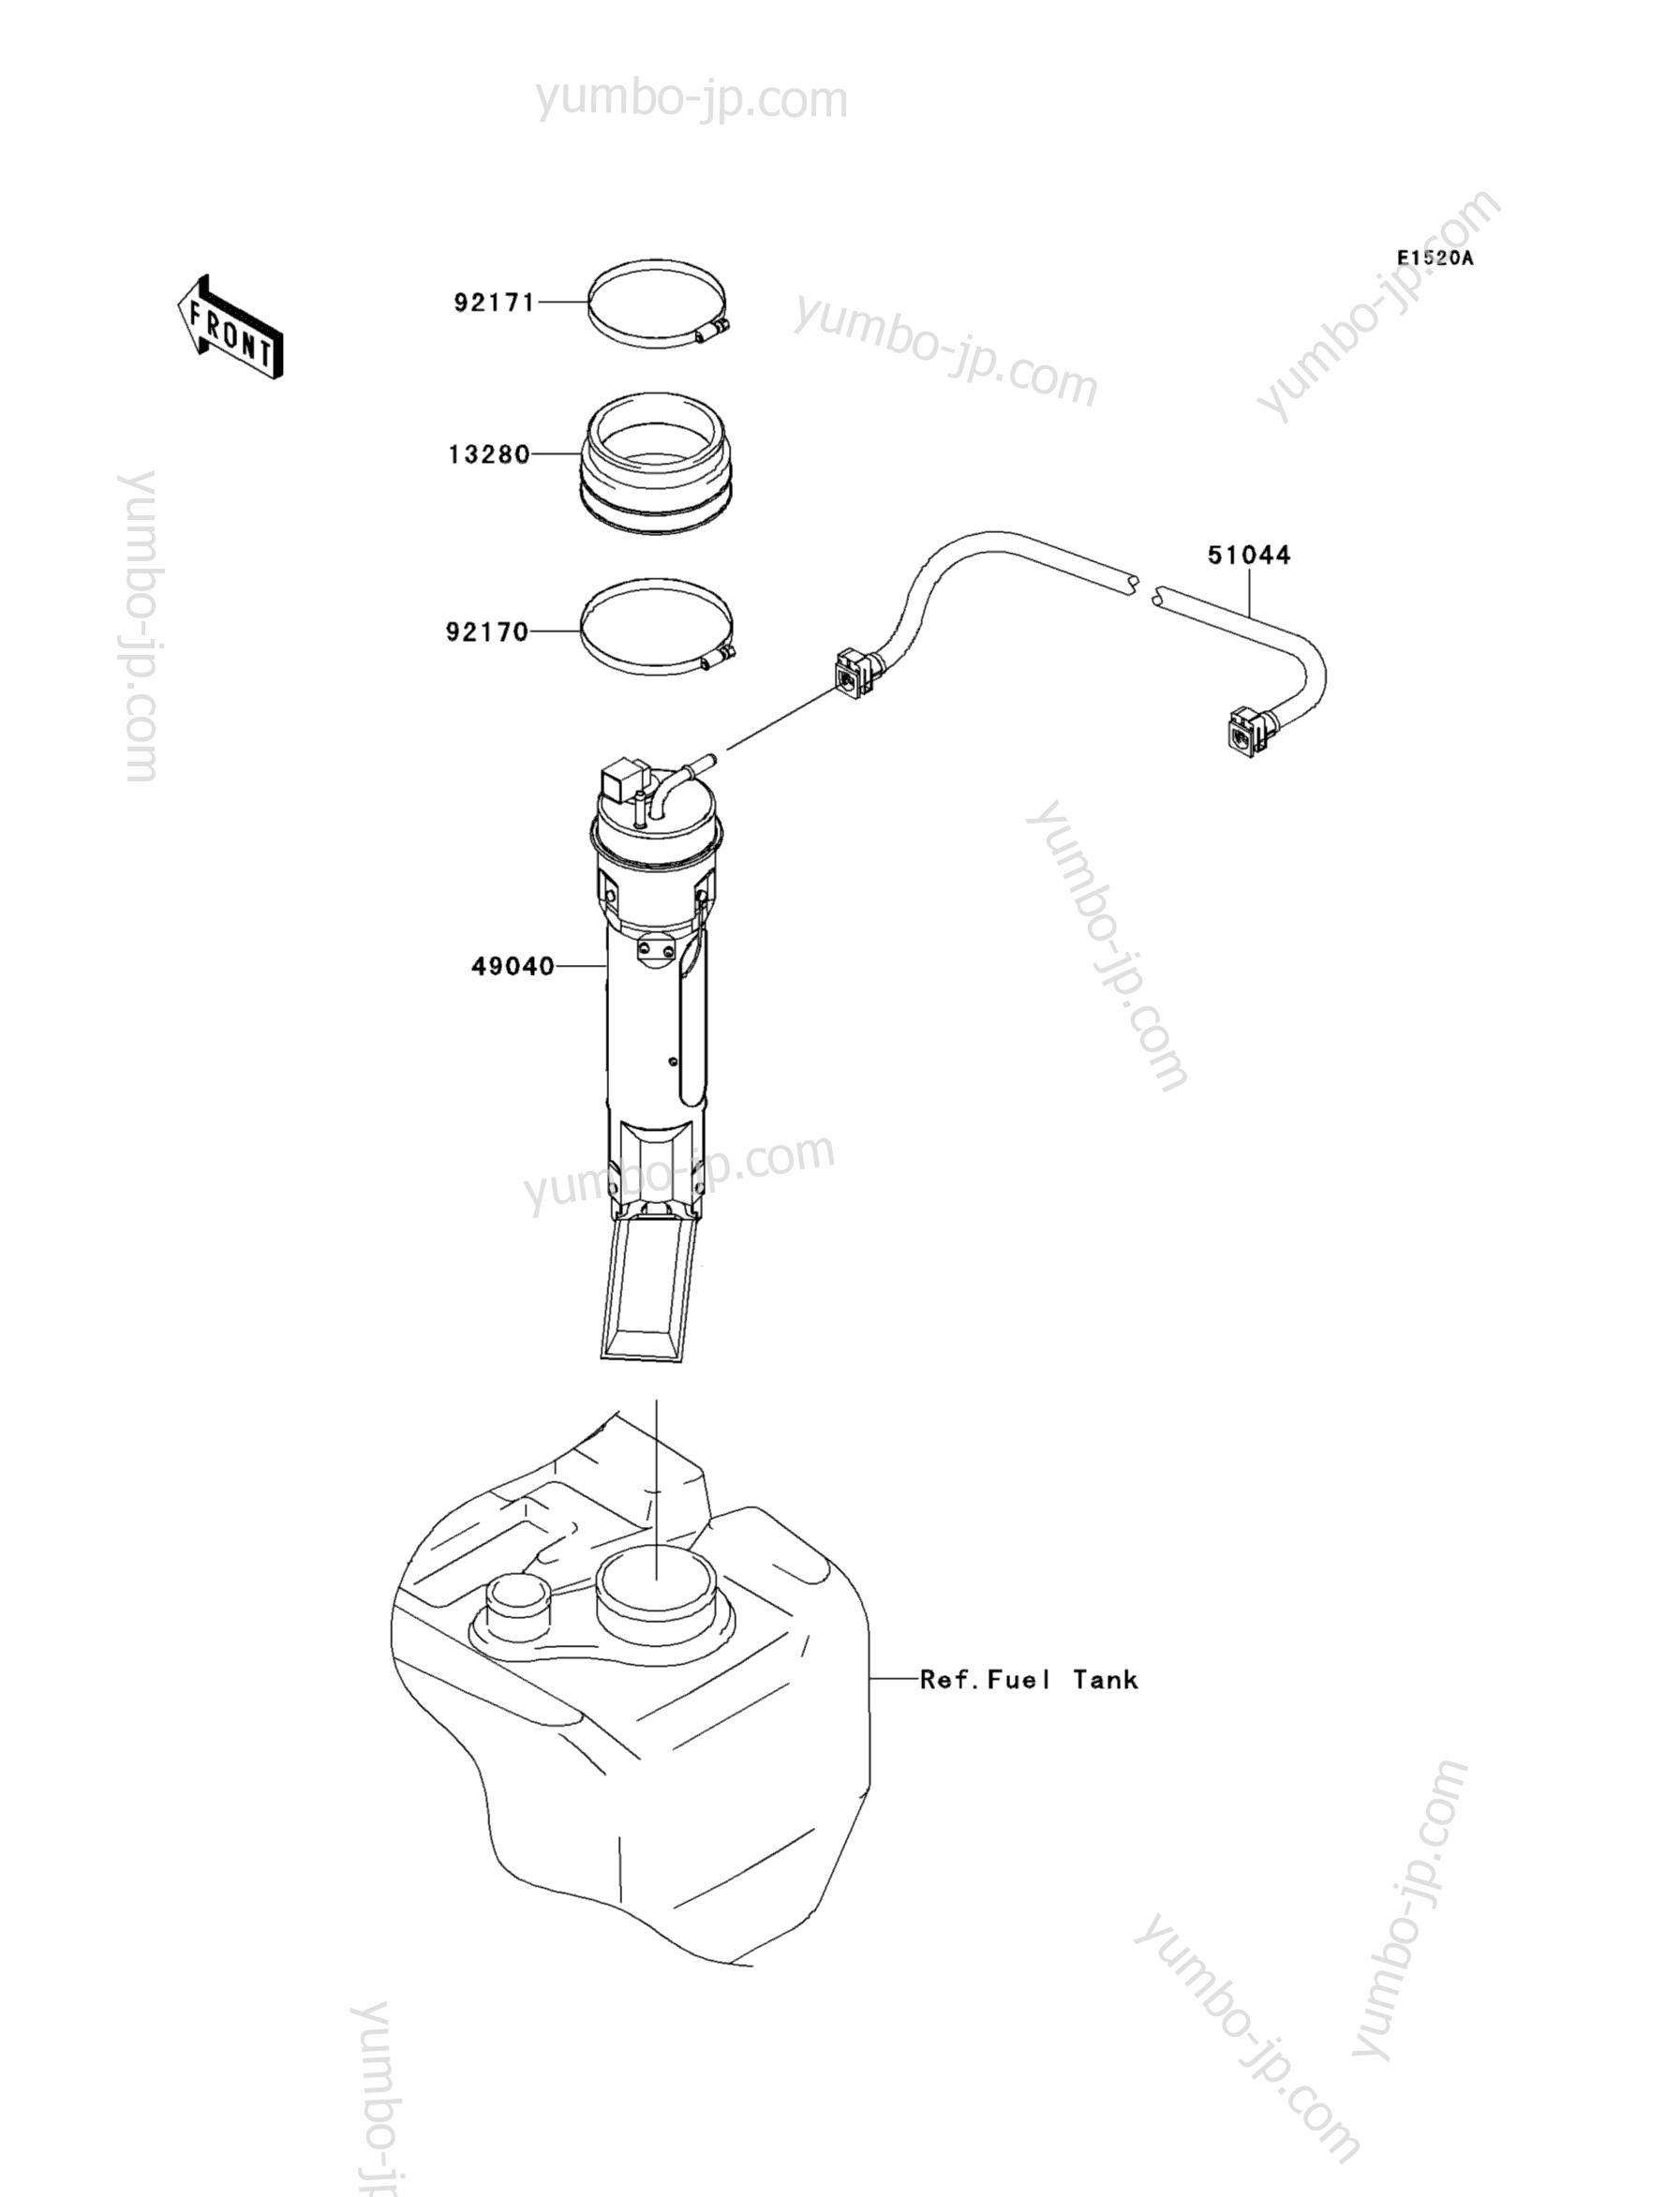 Fuel Pump(ADF) для гидроциклов KAWASAKI JET SKI STX-15F (JT1500ADF) 2013 г.